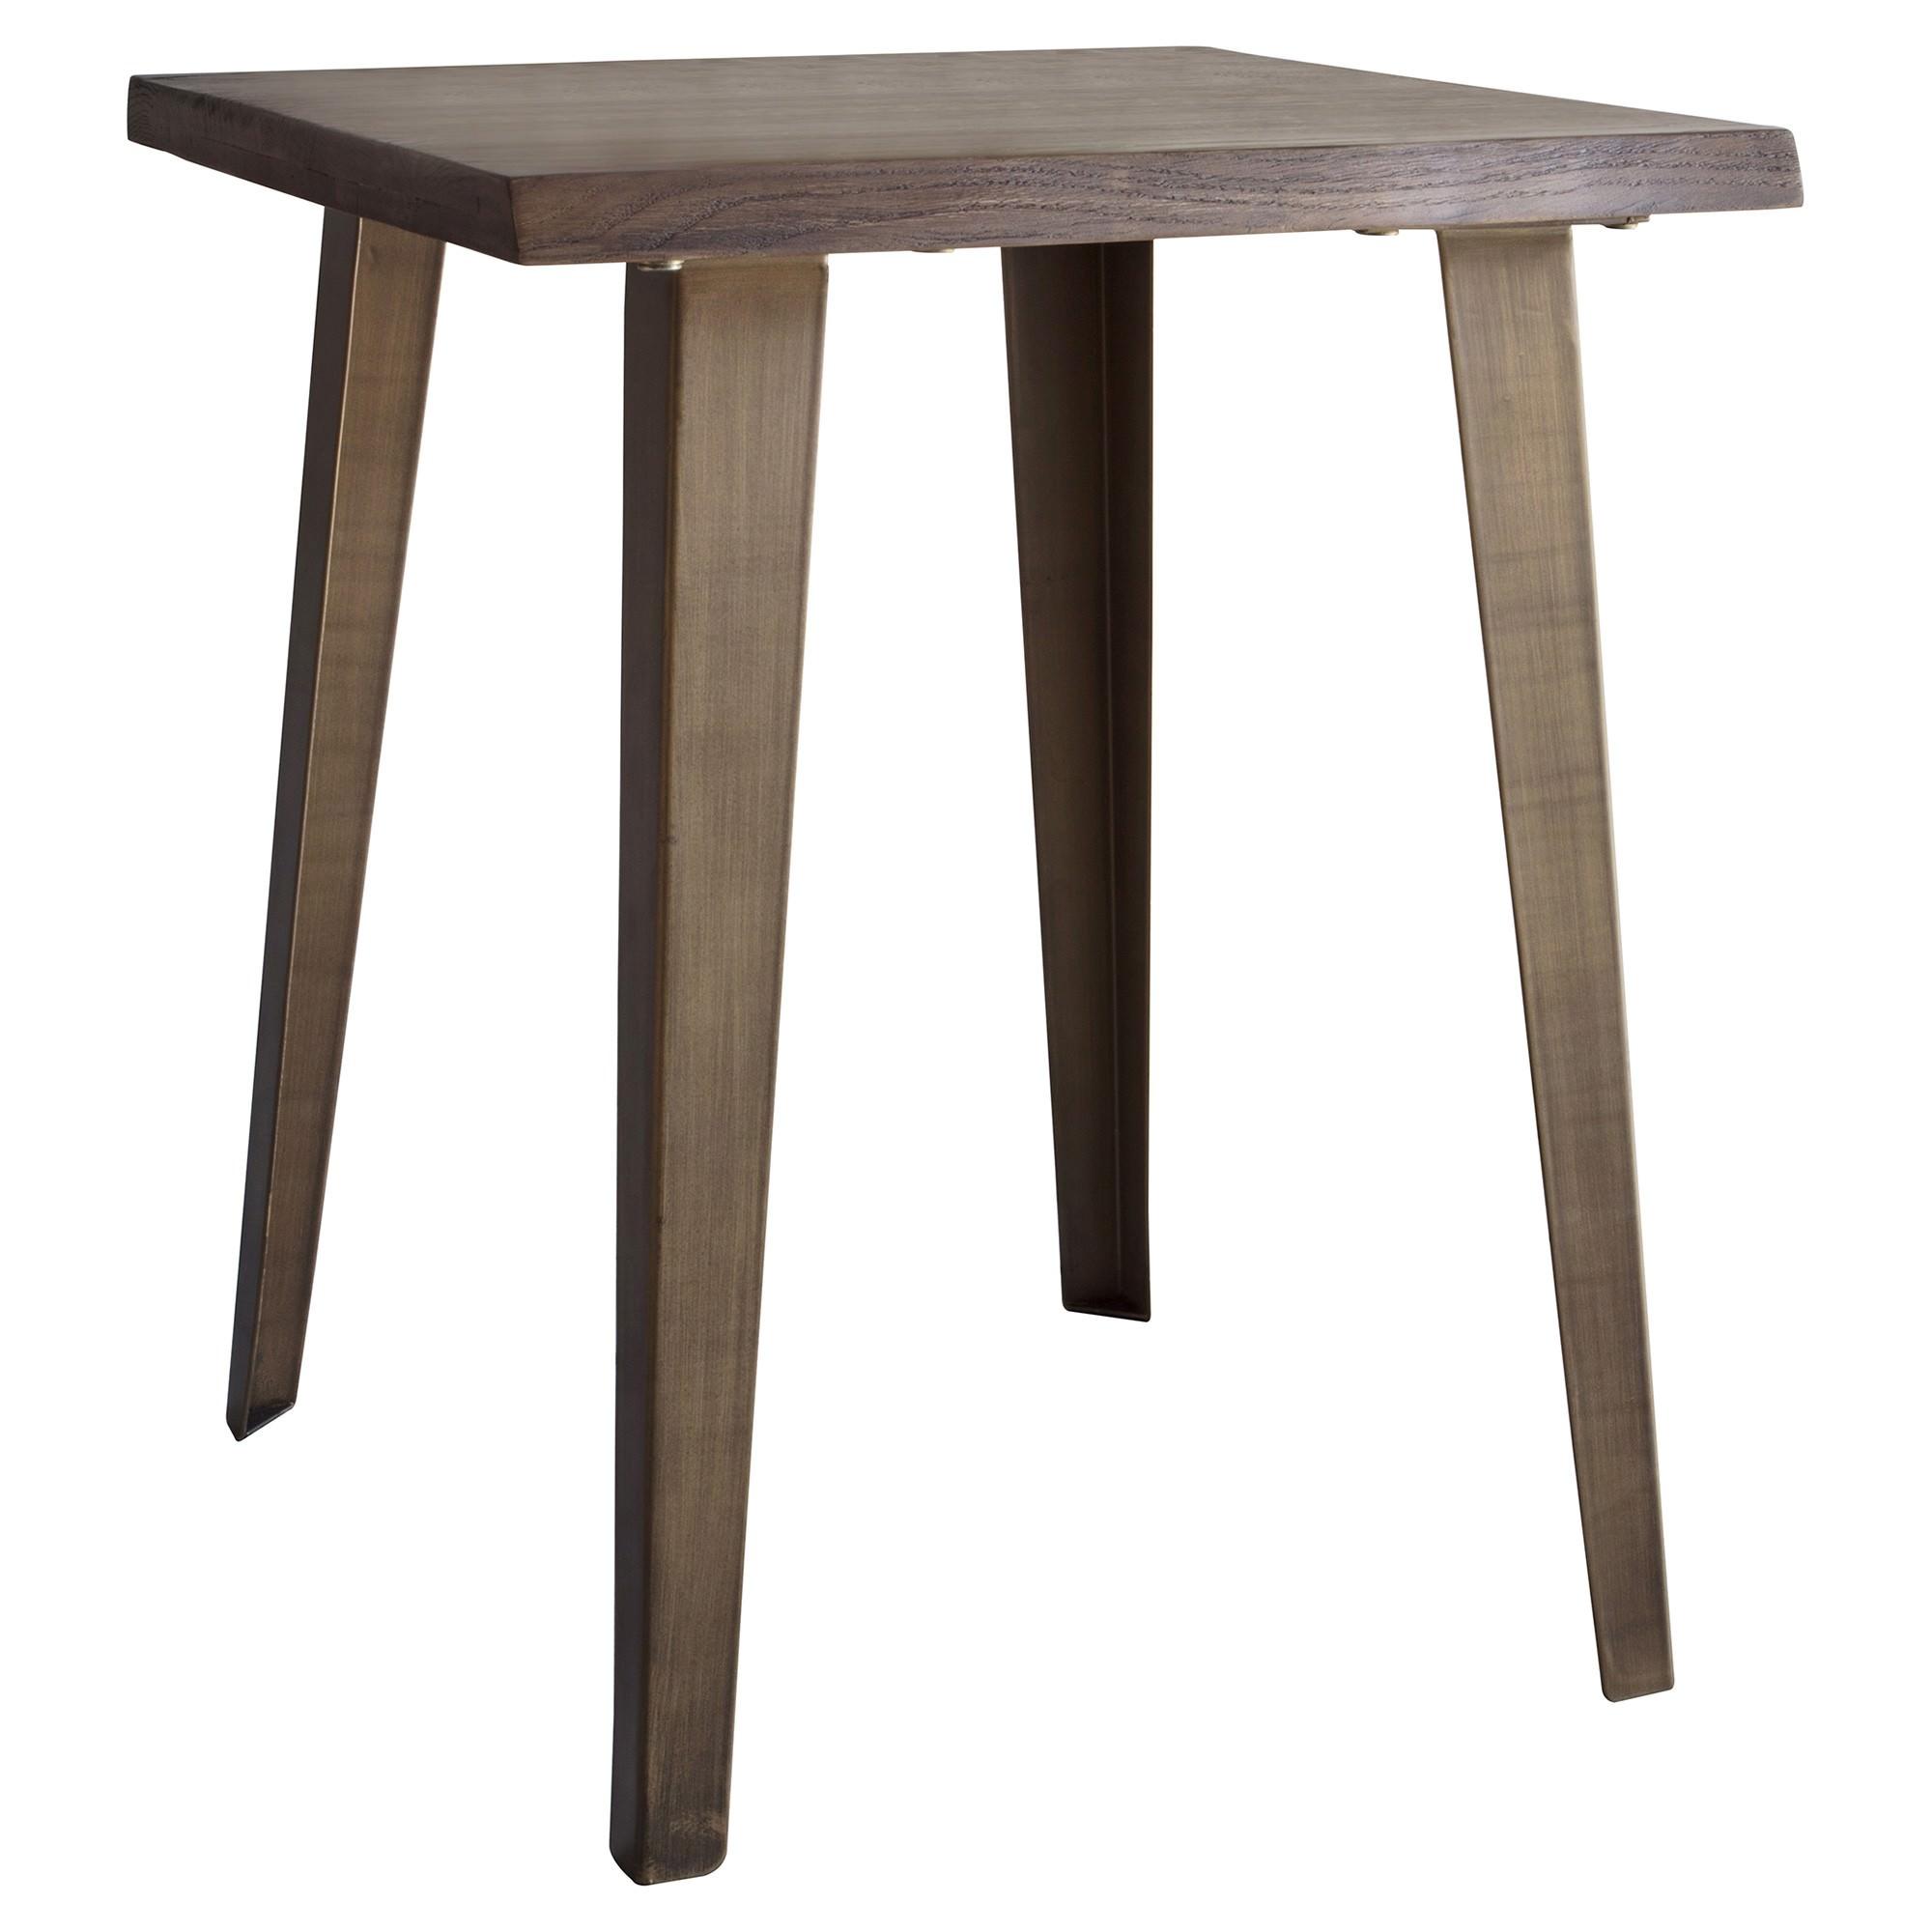 Fabia Oak Timber & Metal Side Table